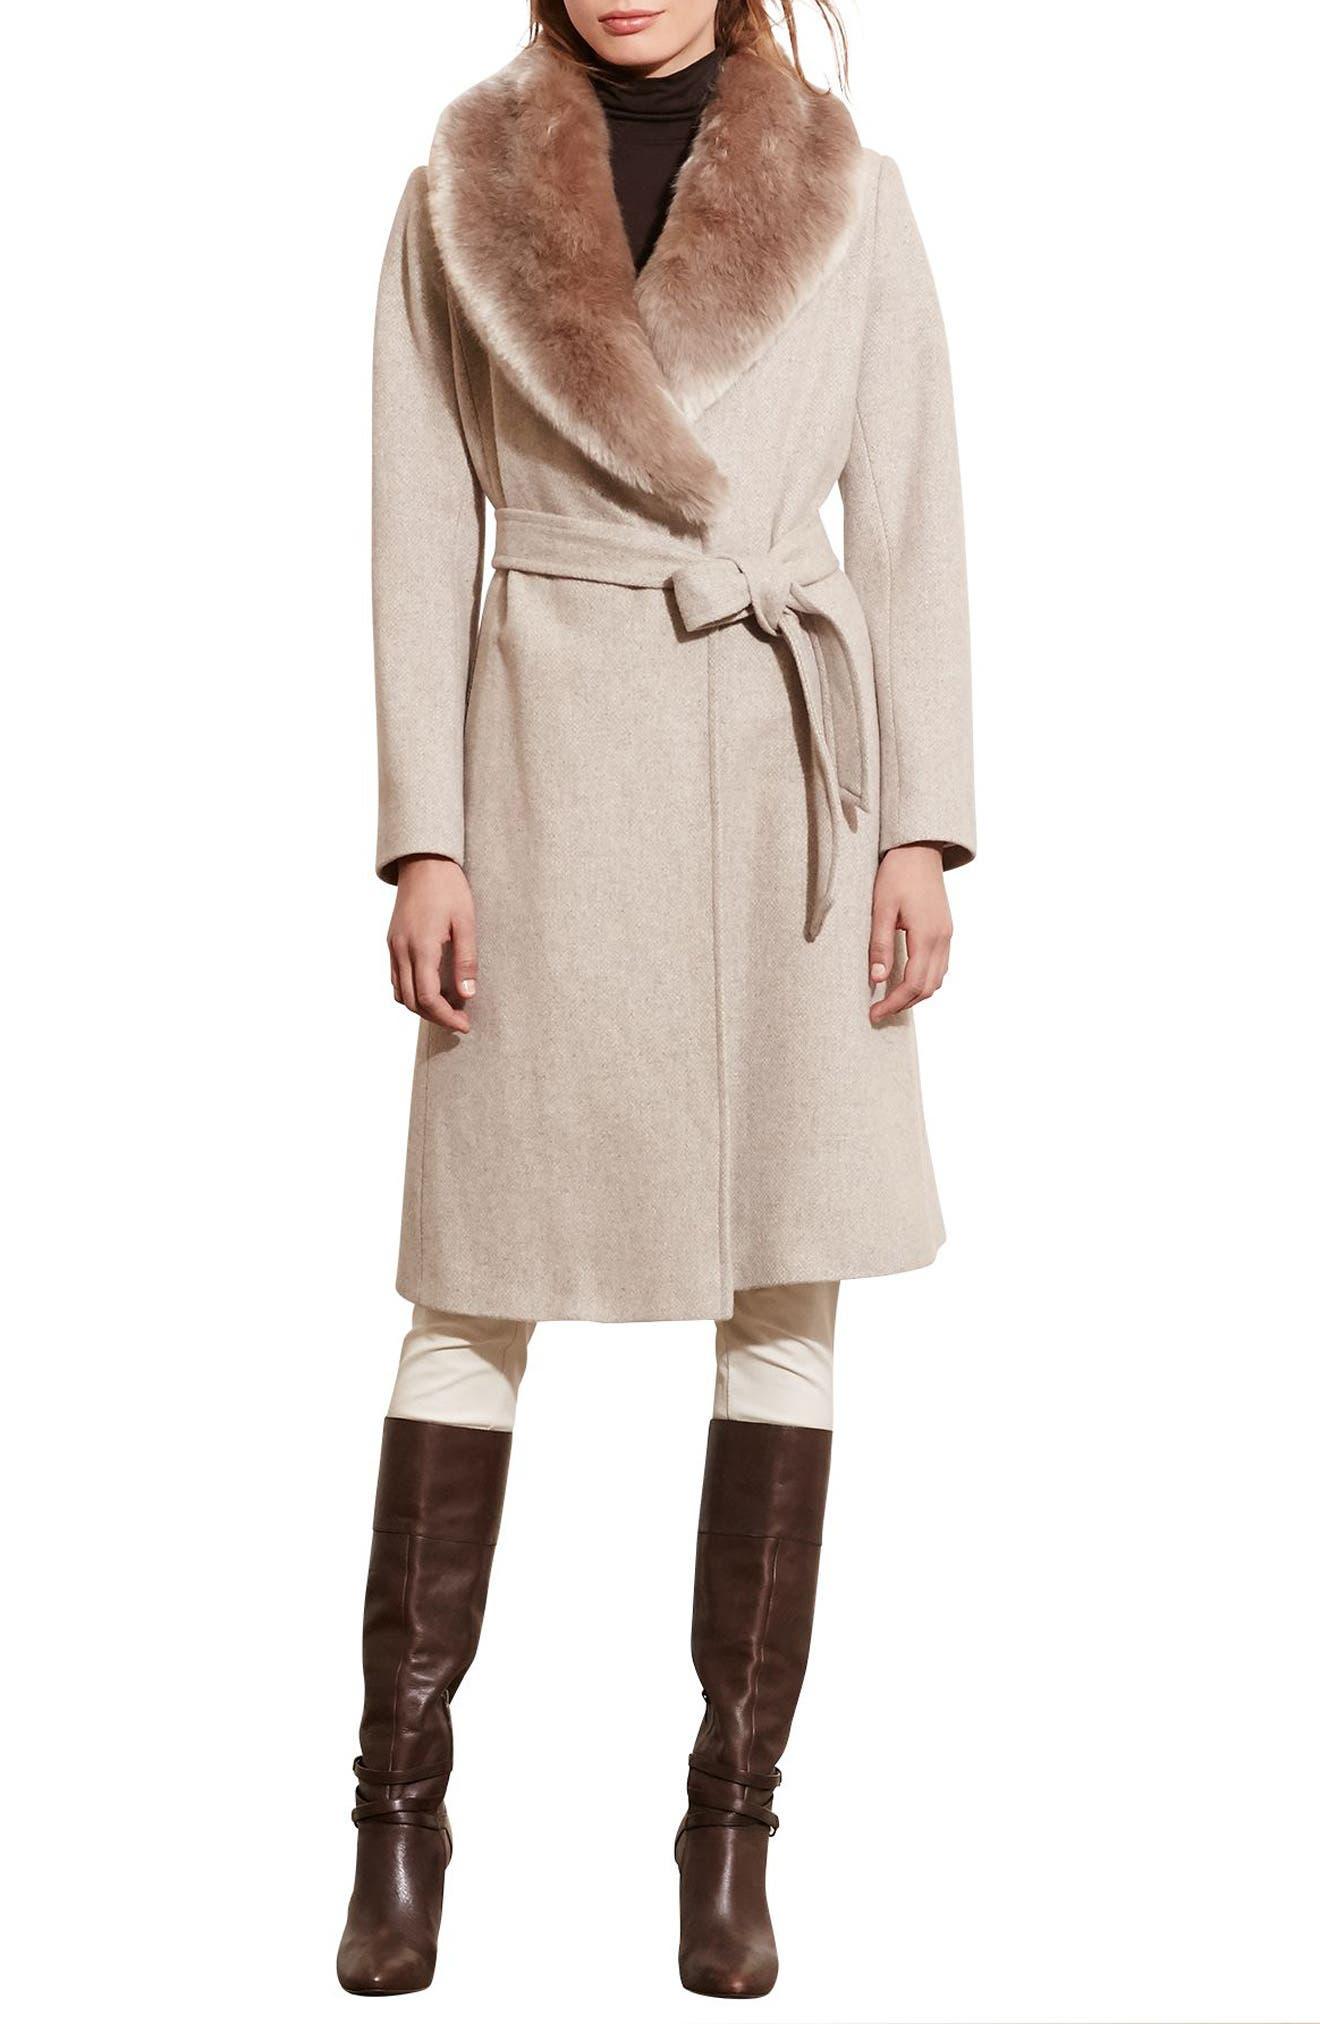 LAUREN RALPH LAUREN,                             Wool Blend Coat with Faux Fur Collar,                             Main thumbnail 1, color,                             PLATINUM HEATHER